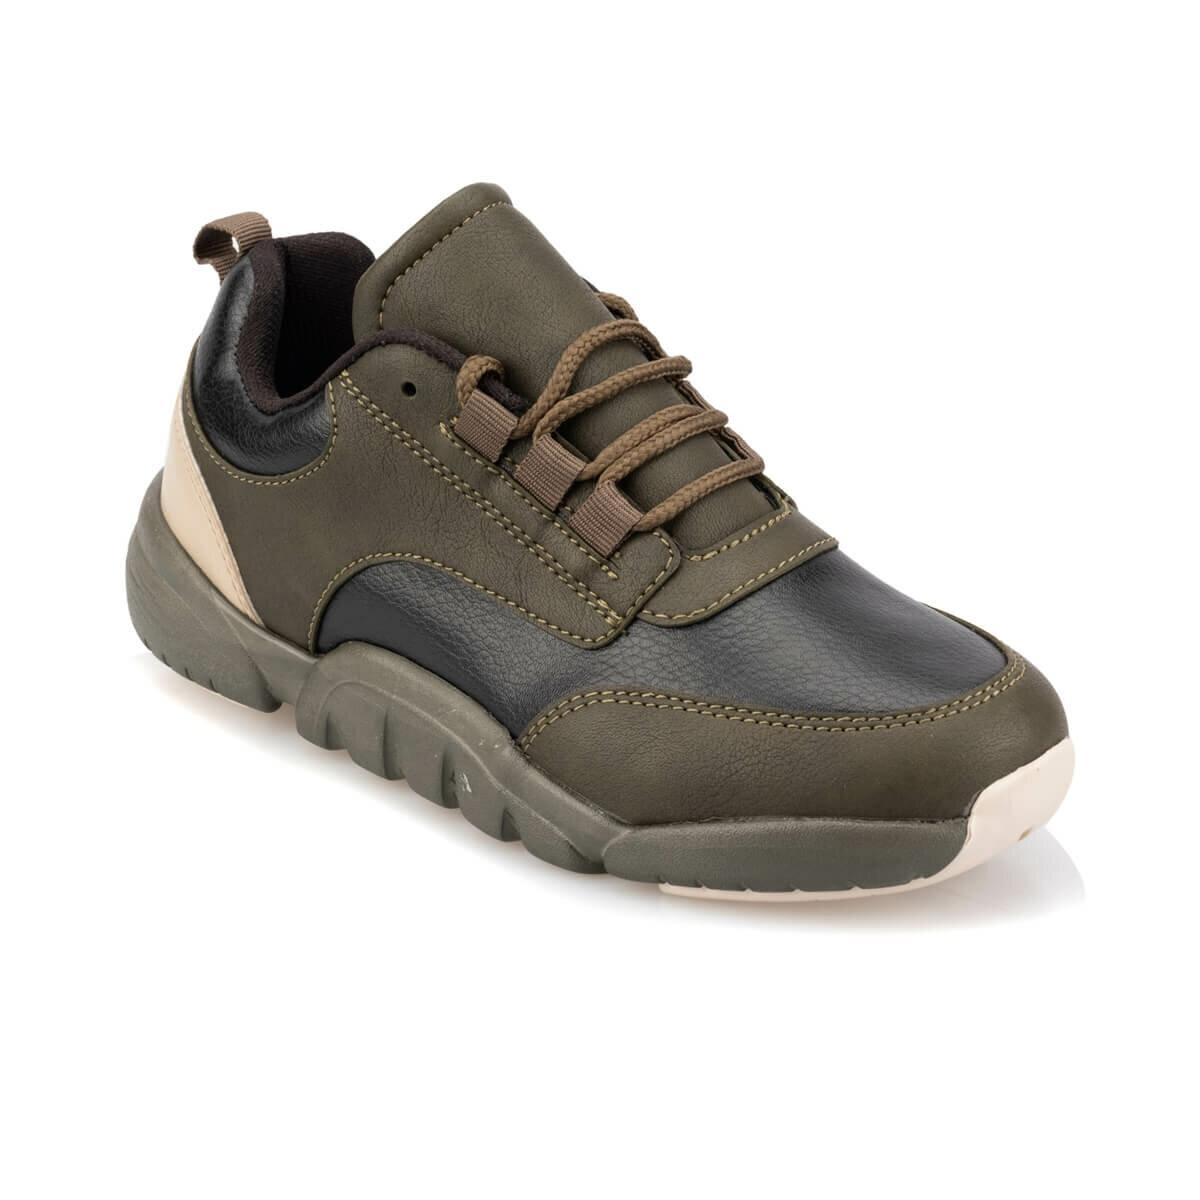 FLO 92.511868.F Khaki Male Child Shoes Polaris